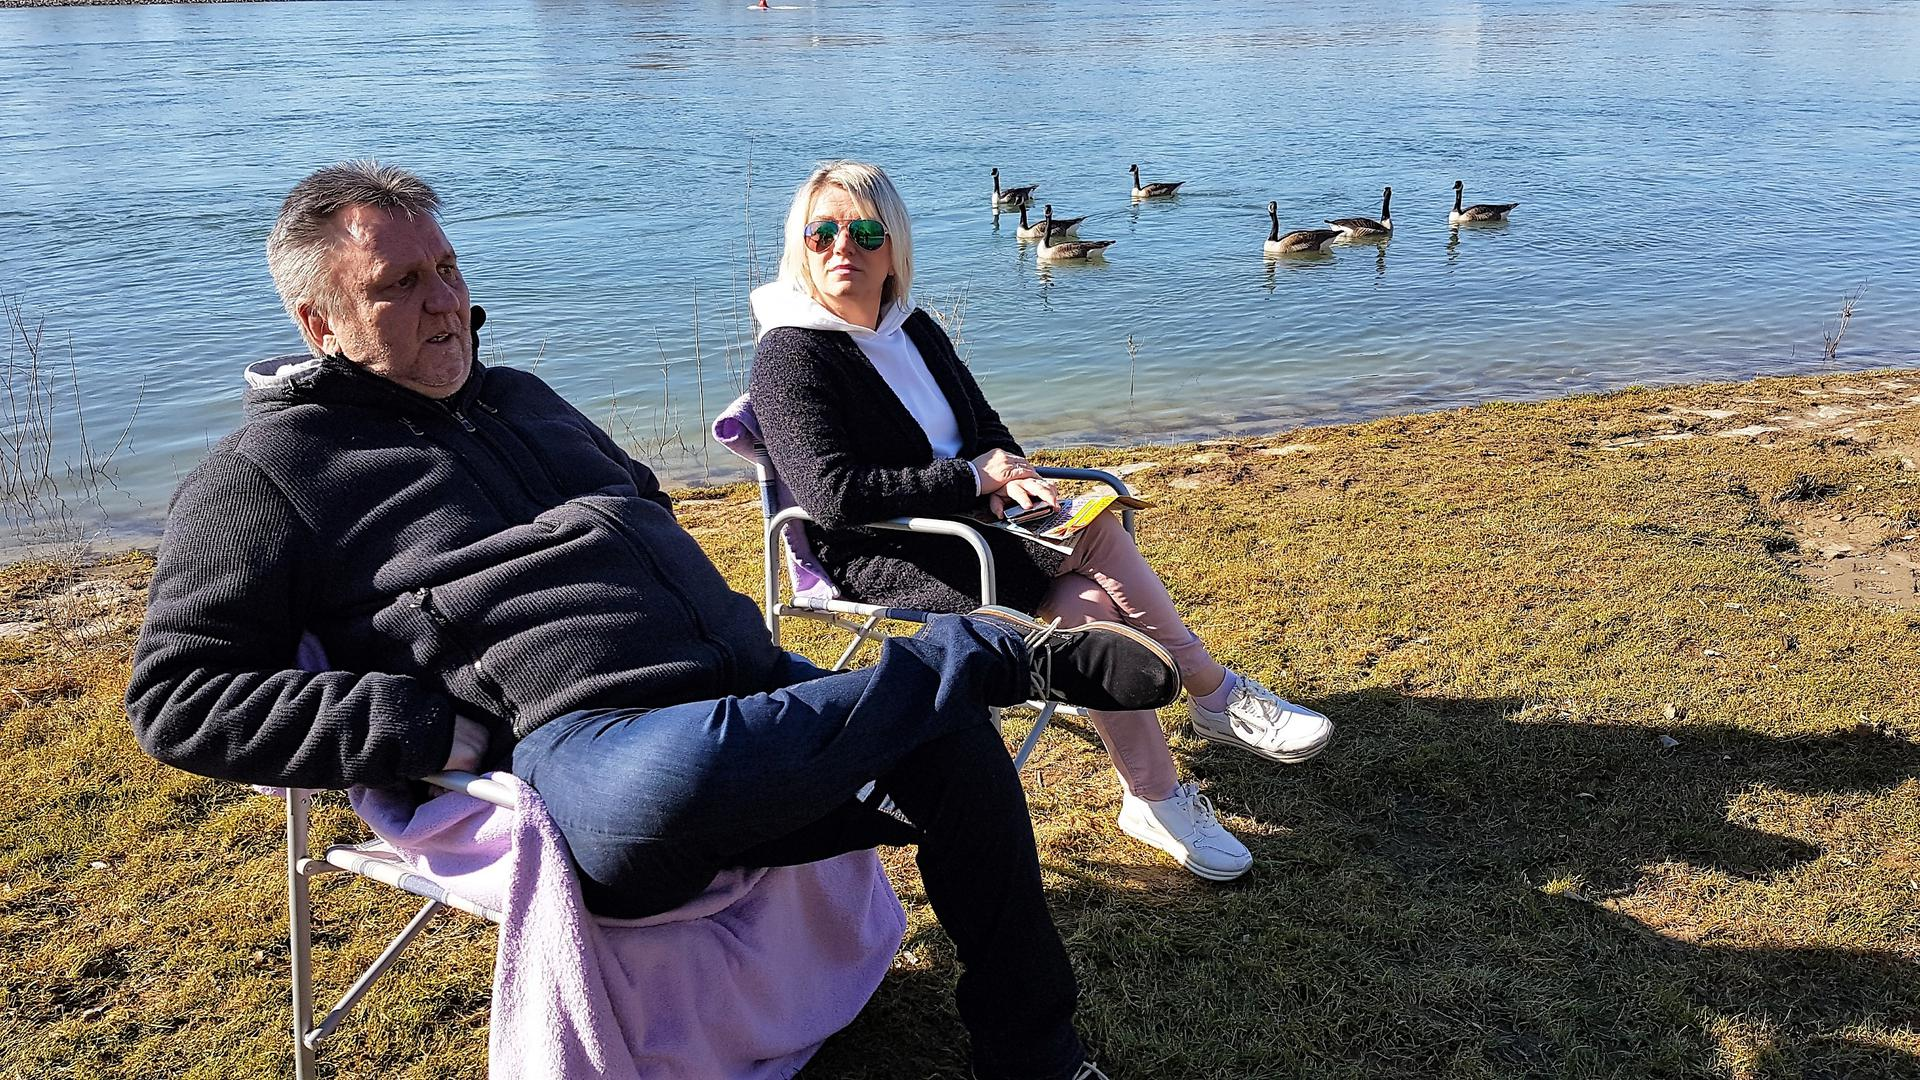 Ein Mann und eine Frau am Wasser